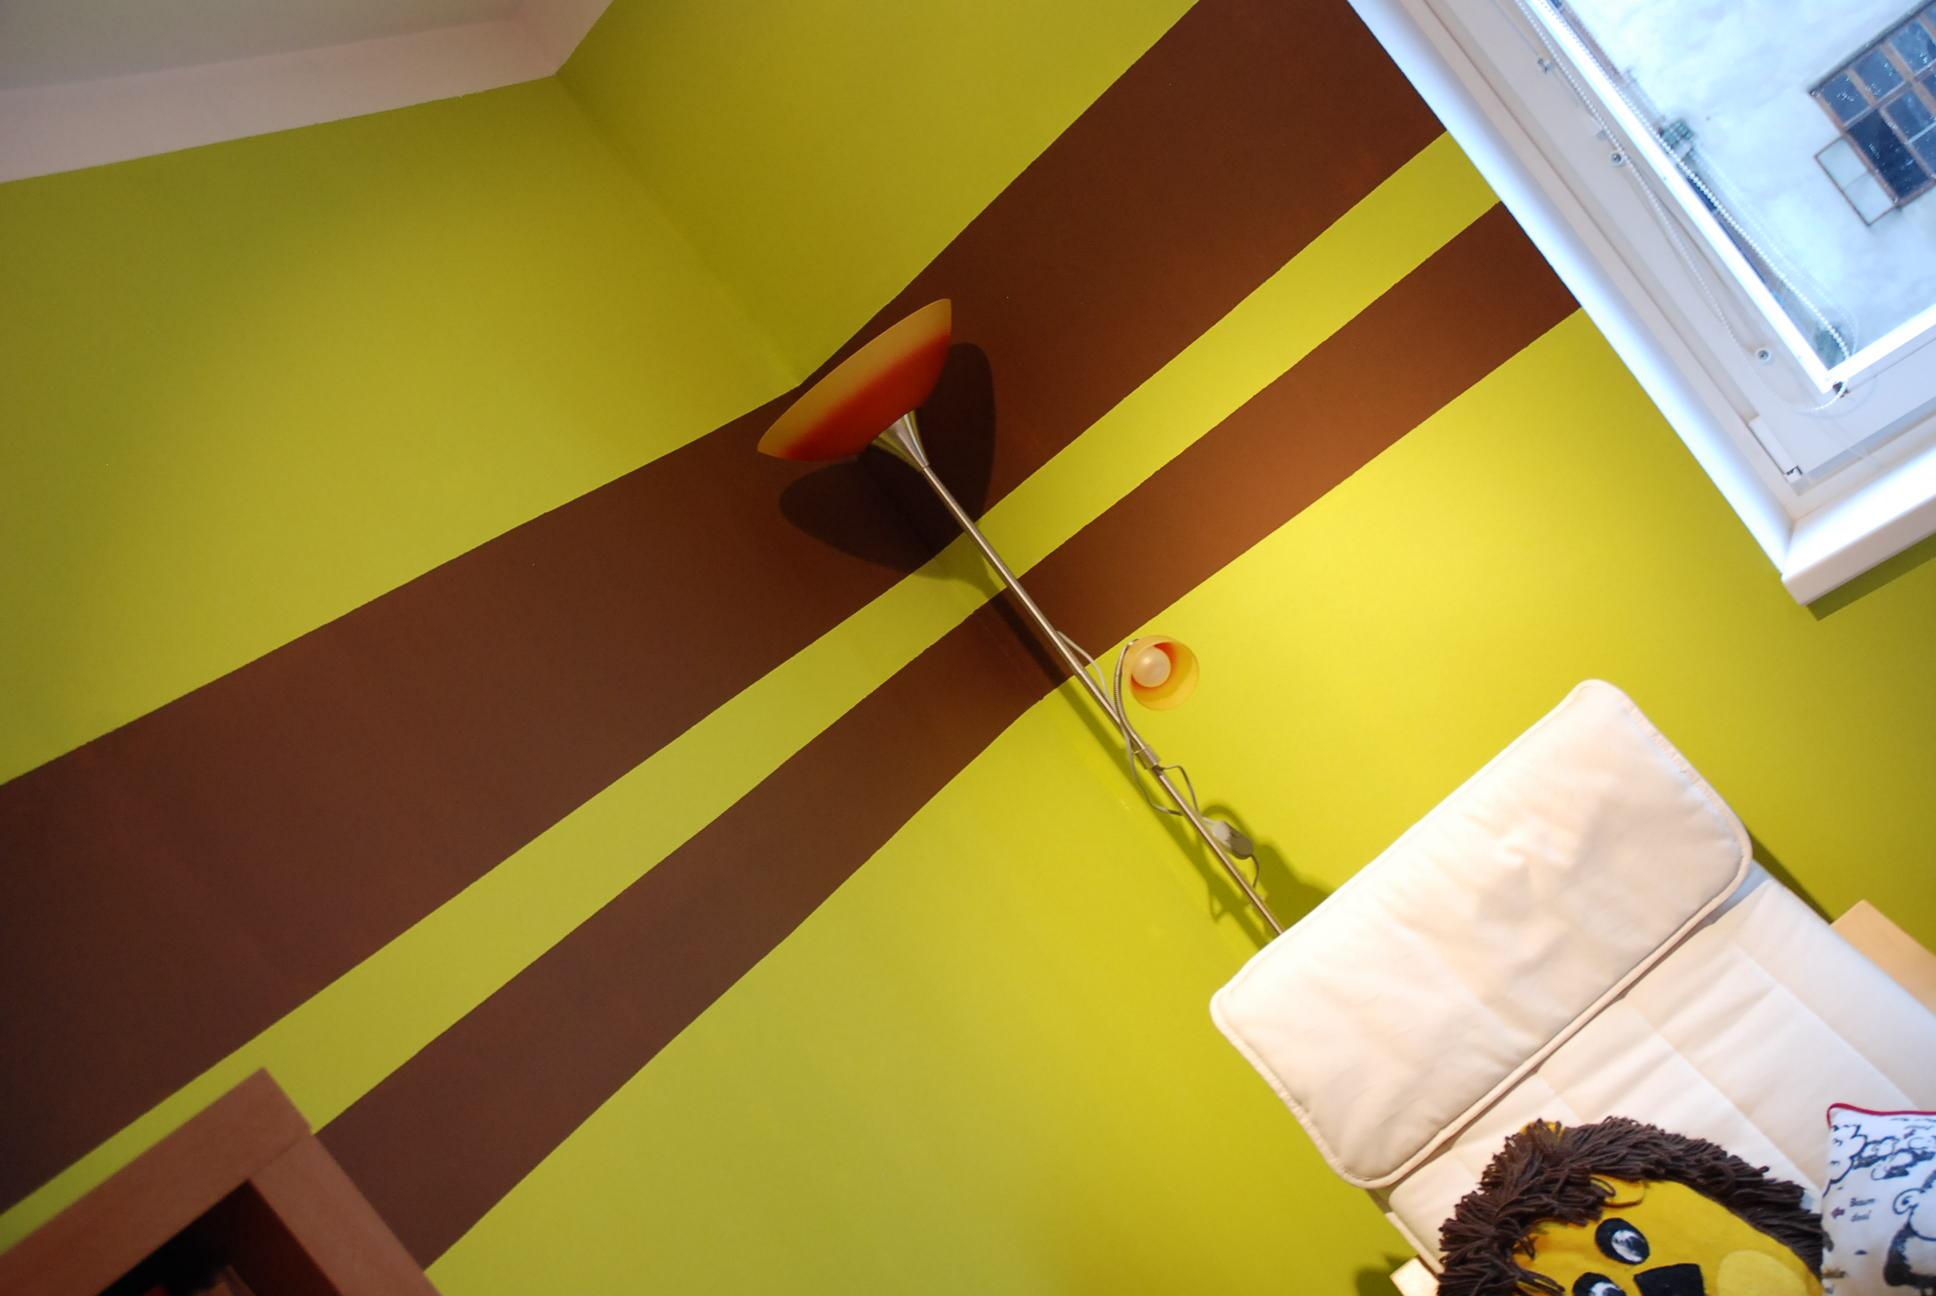 wohnzimmer wände farbig gestalten – Dumss.com